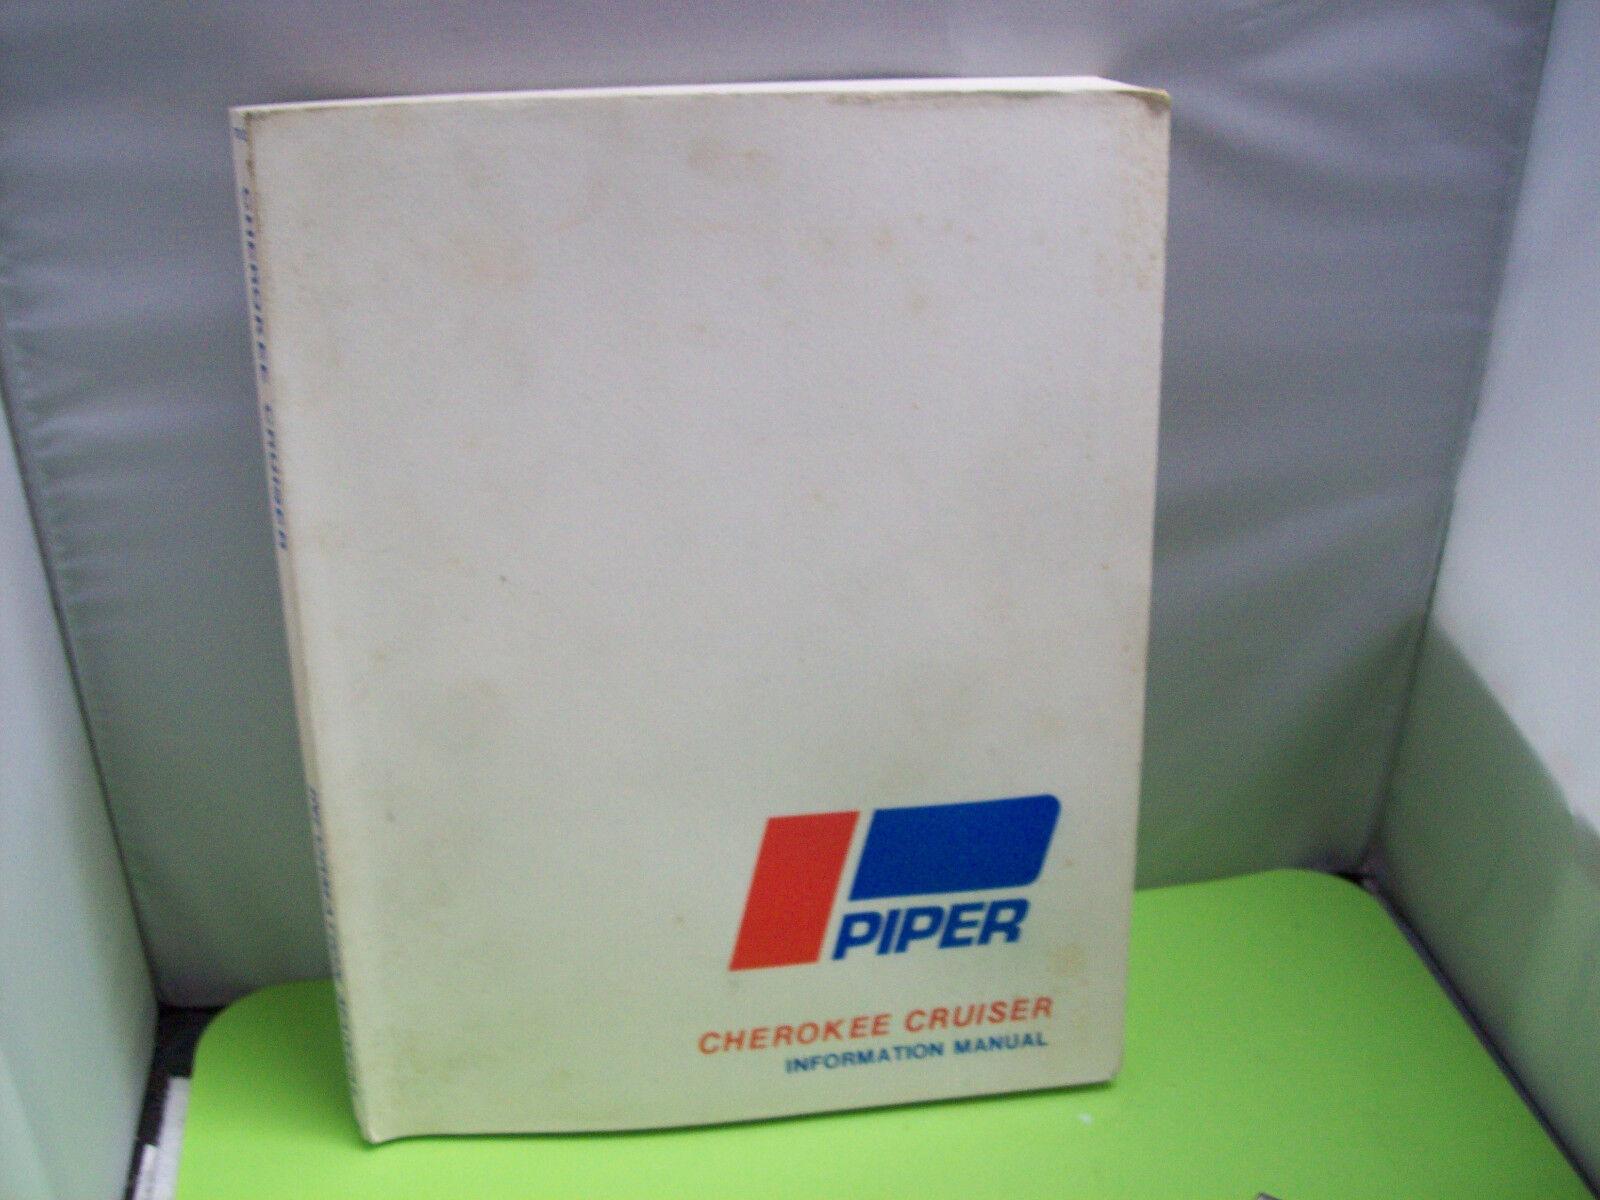 Piper Cherokee CRUISER informazione Manuel #111